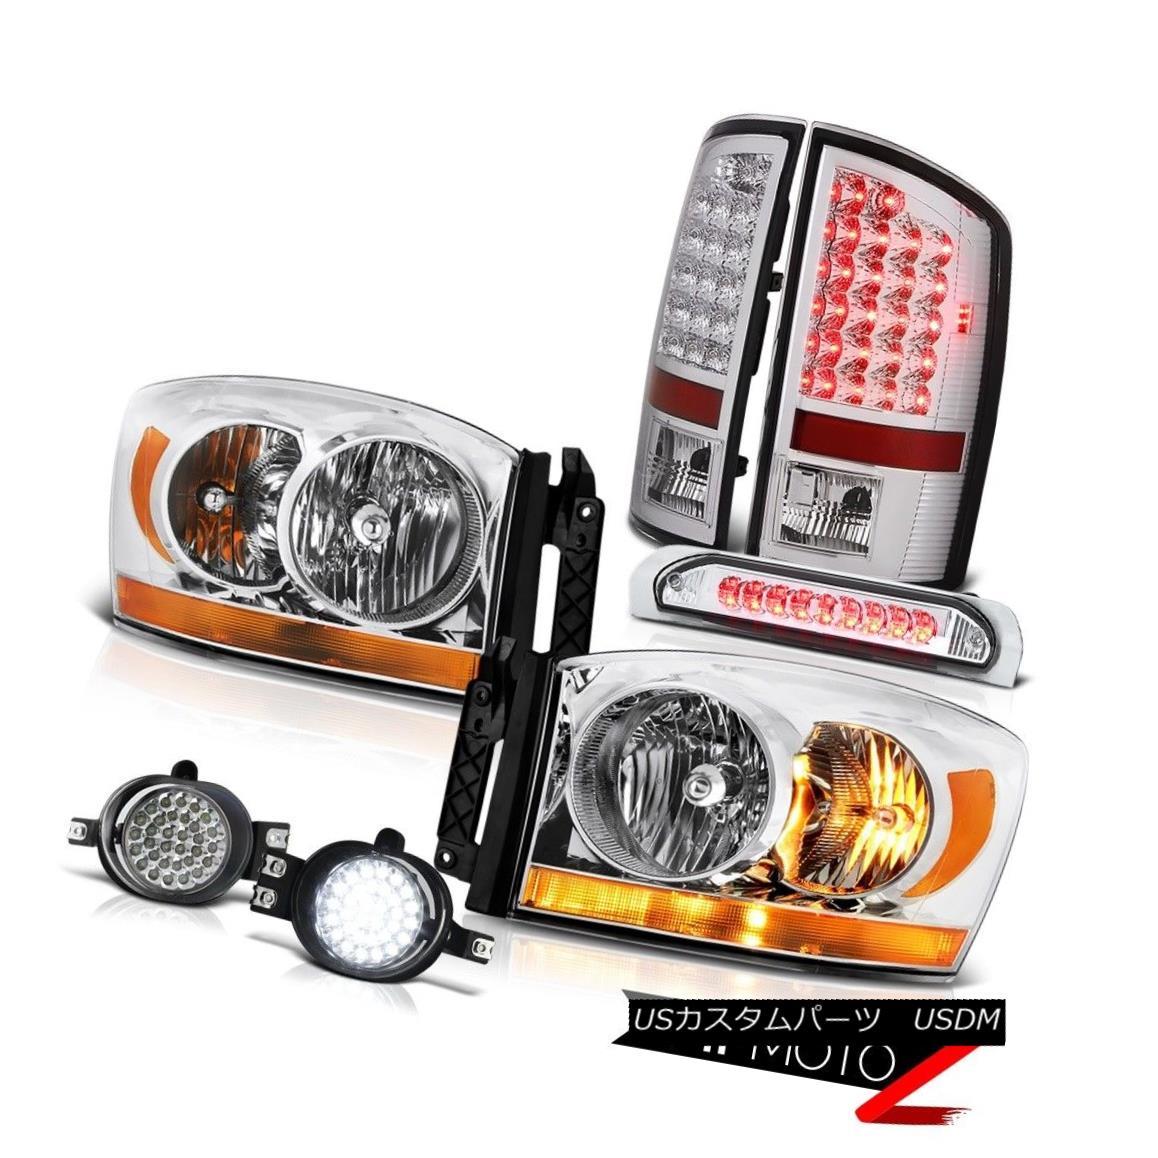 テールライト 2007-2009 Dodge Ram 3500 3.7L Headlamps Foglights 3RD Brake Light Tail Lamps 2007-2009 Dodge Ram 3500 3.7Lヘッドライトフォグライト3RDブレーキライトテールランプ